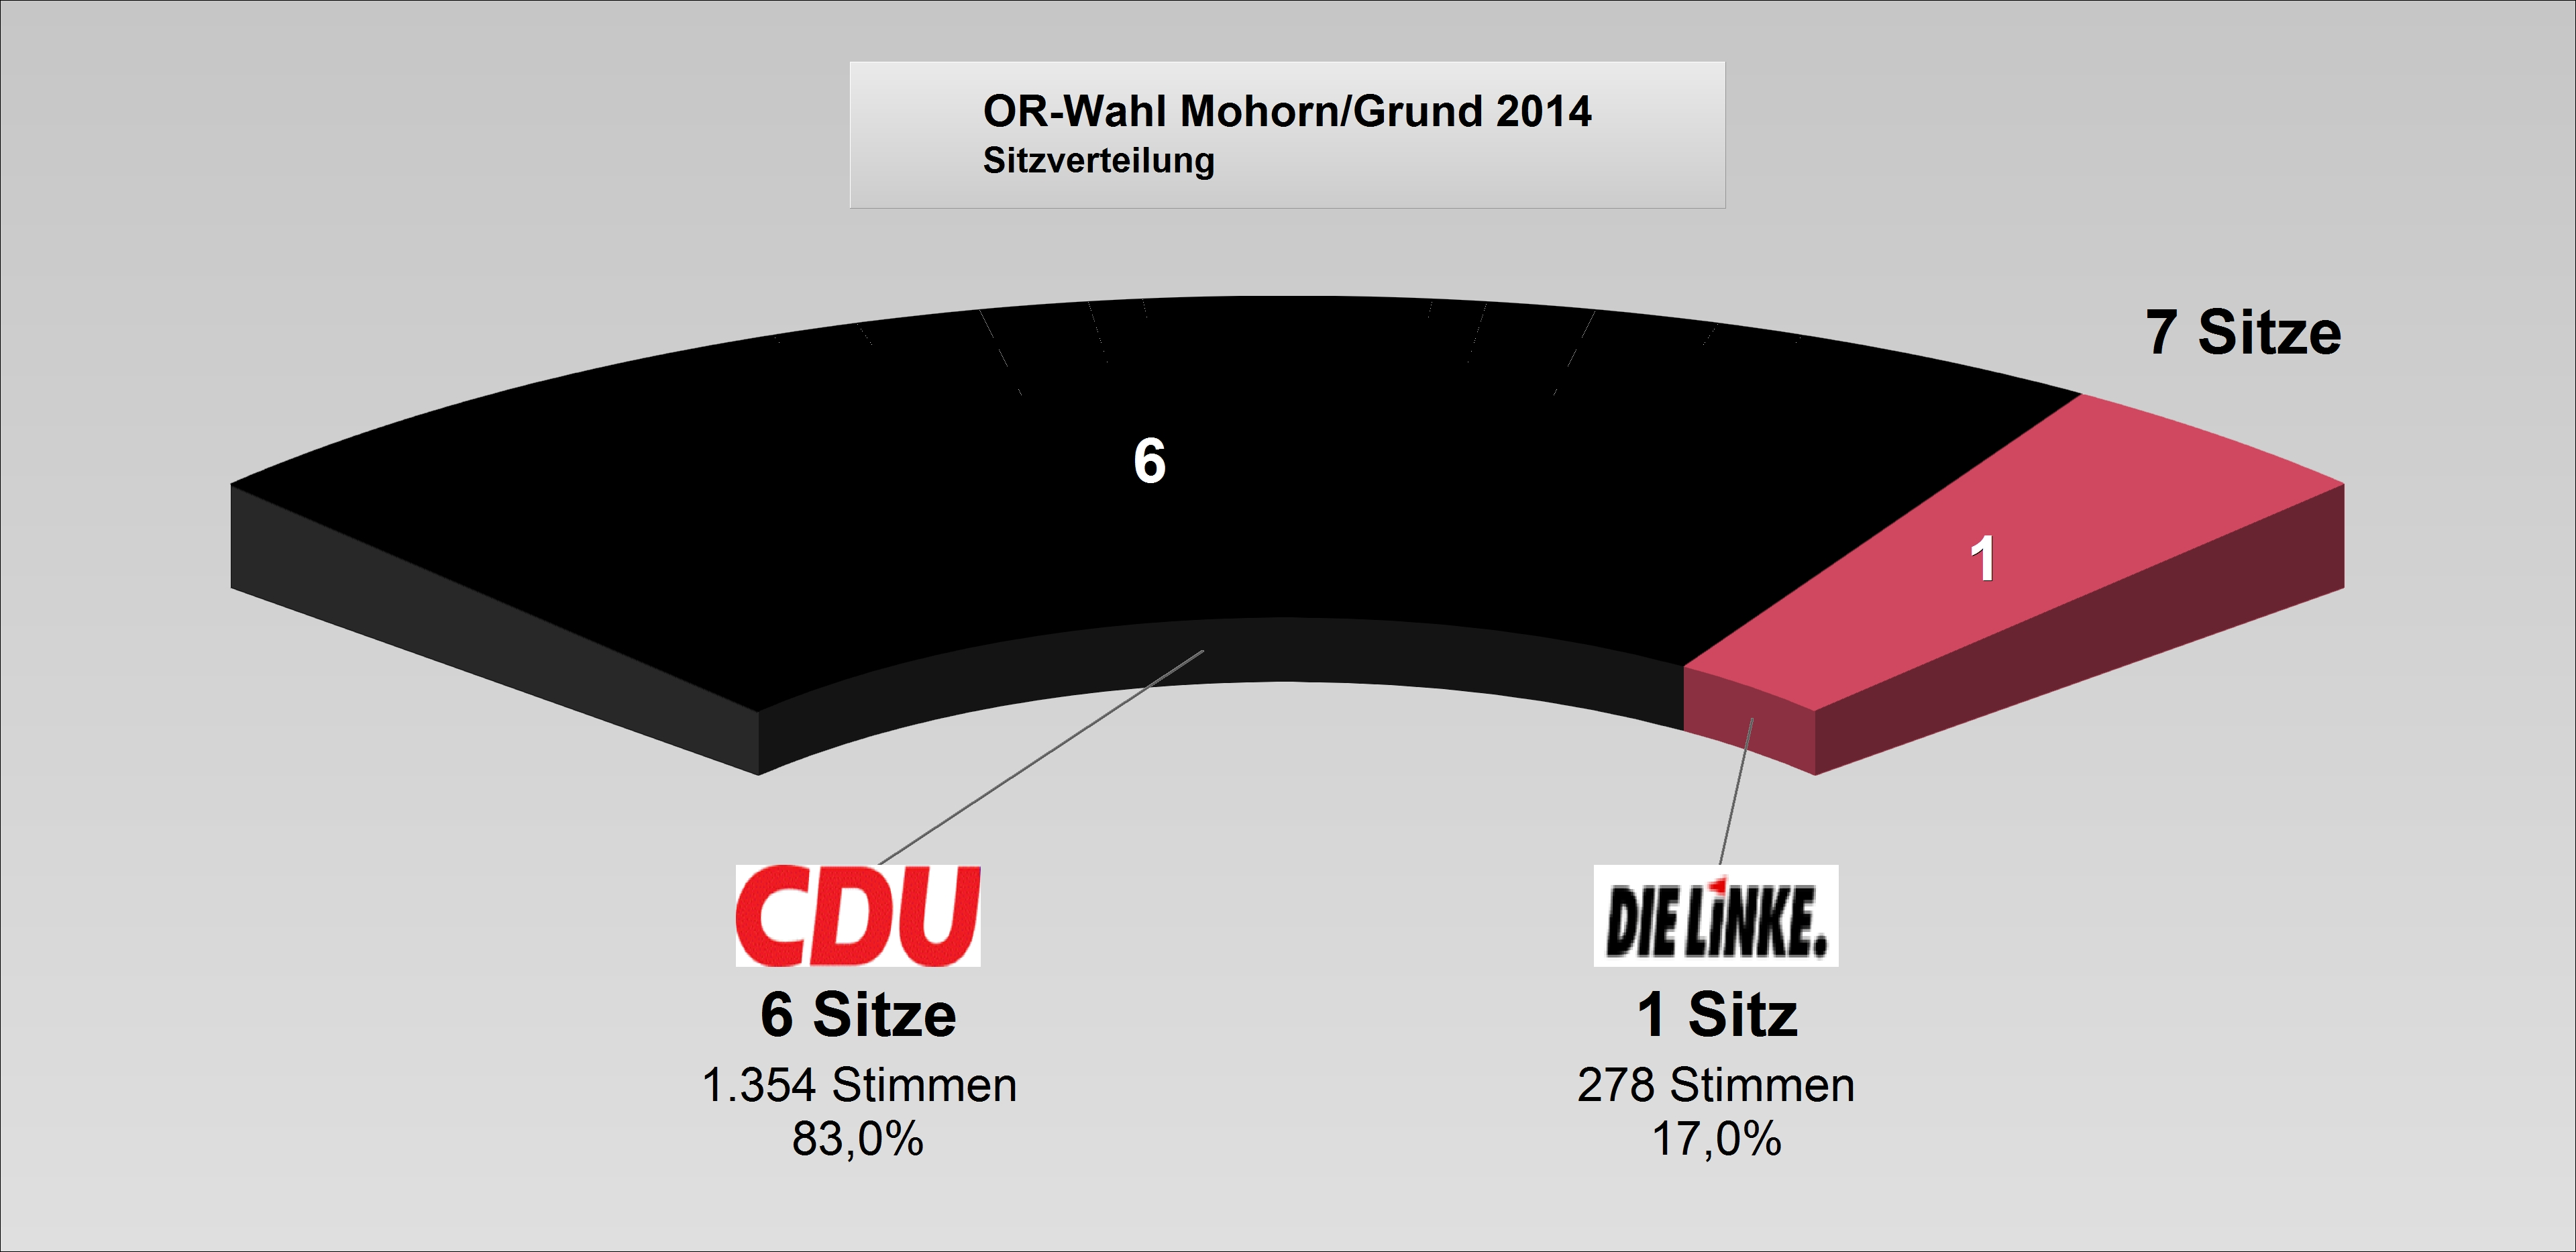 ORat2014-Mohorn-Grund_Sitzverteilung.jpg